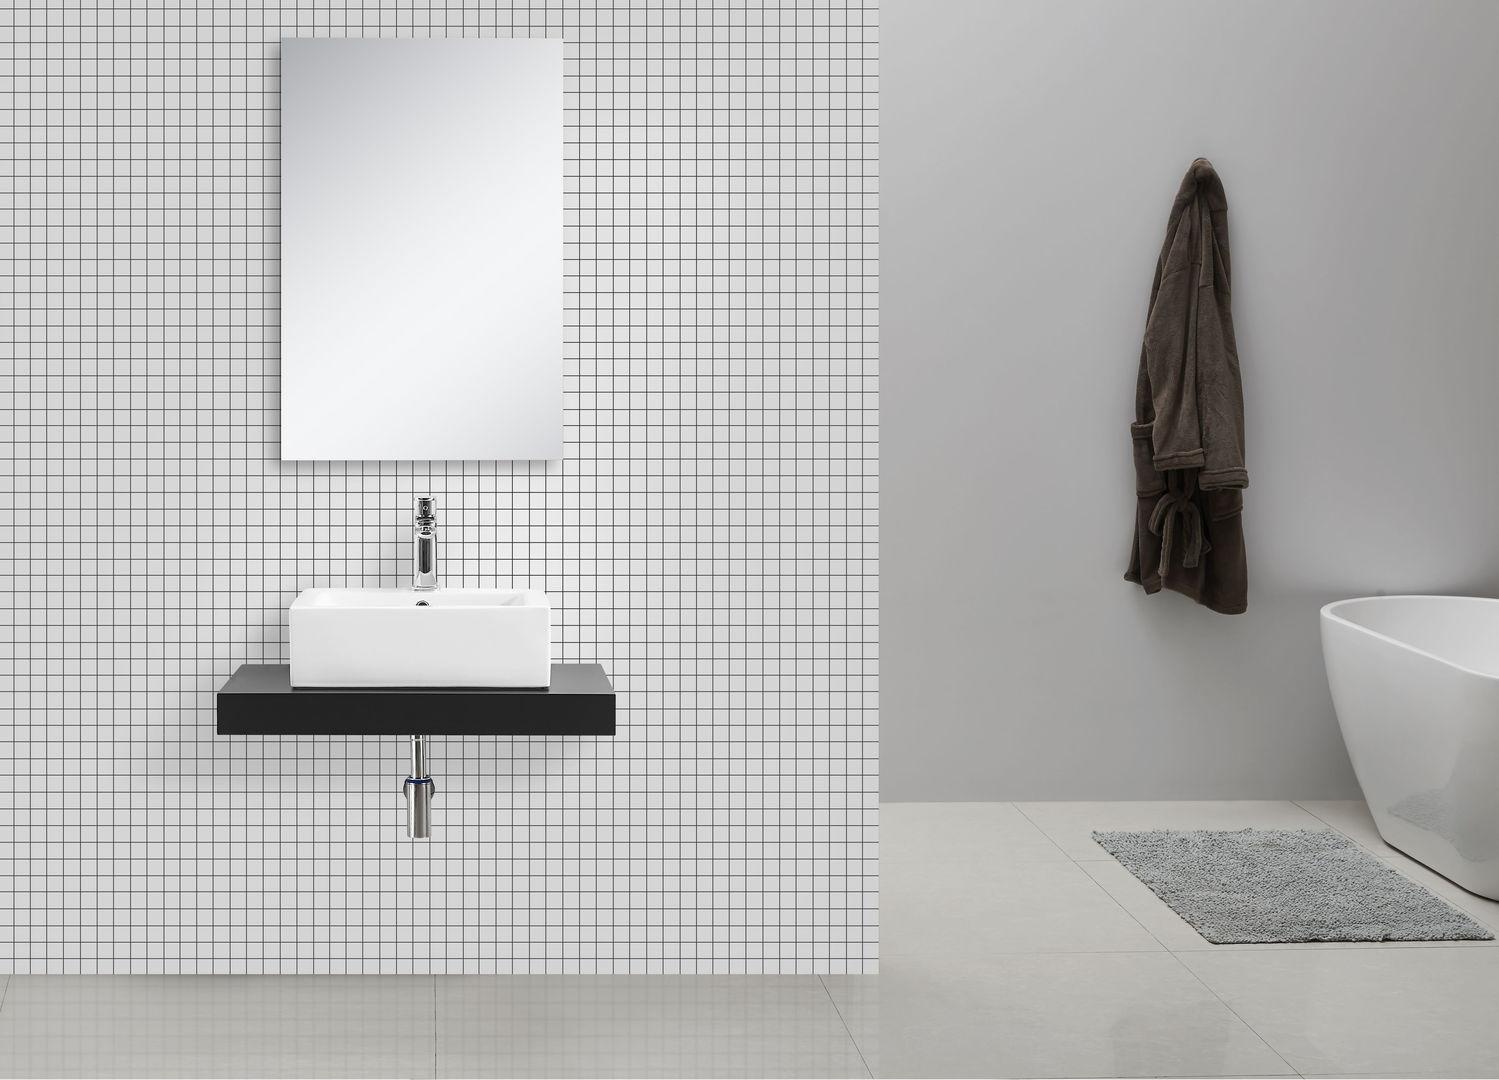 waschtischkonsole schwarz 75 x 50 alphabad. Black Bedroom Furniture Sets. Home Design Ideas